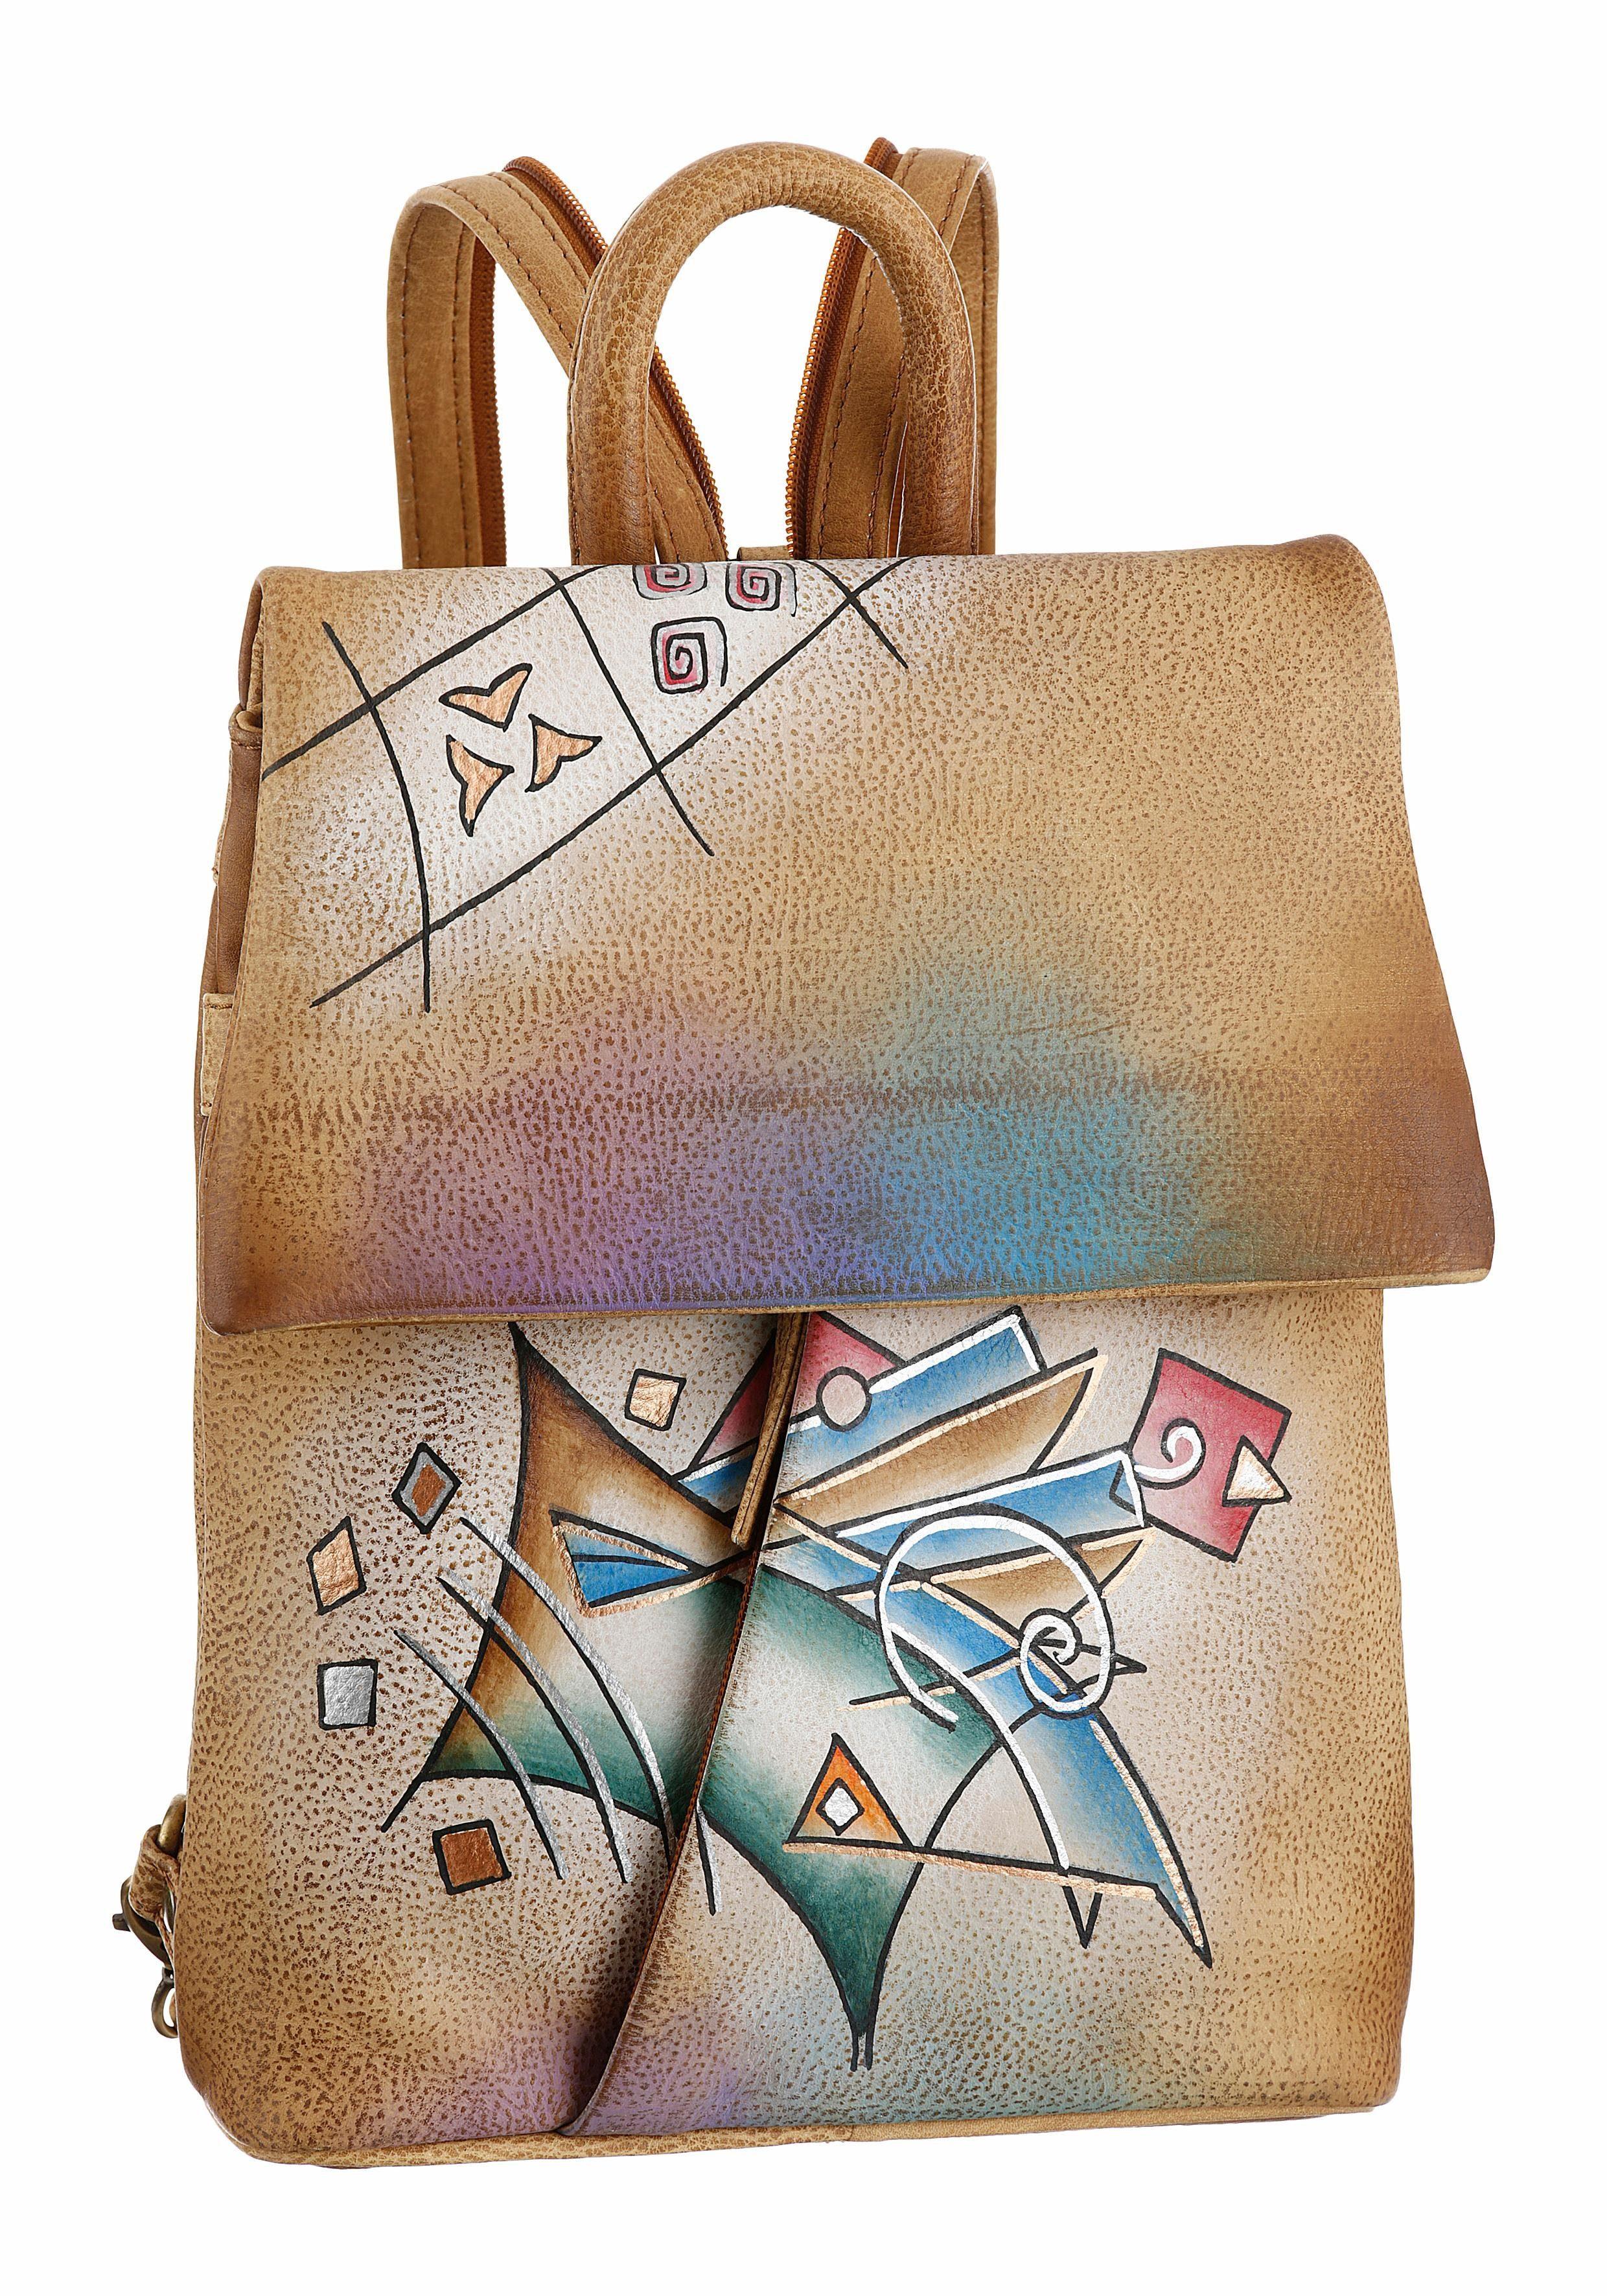 Art & Craft Cityrucksack, aus Leder mit praktischen Rückfach